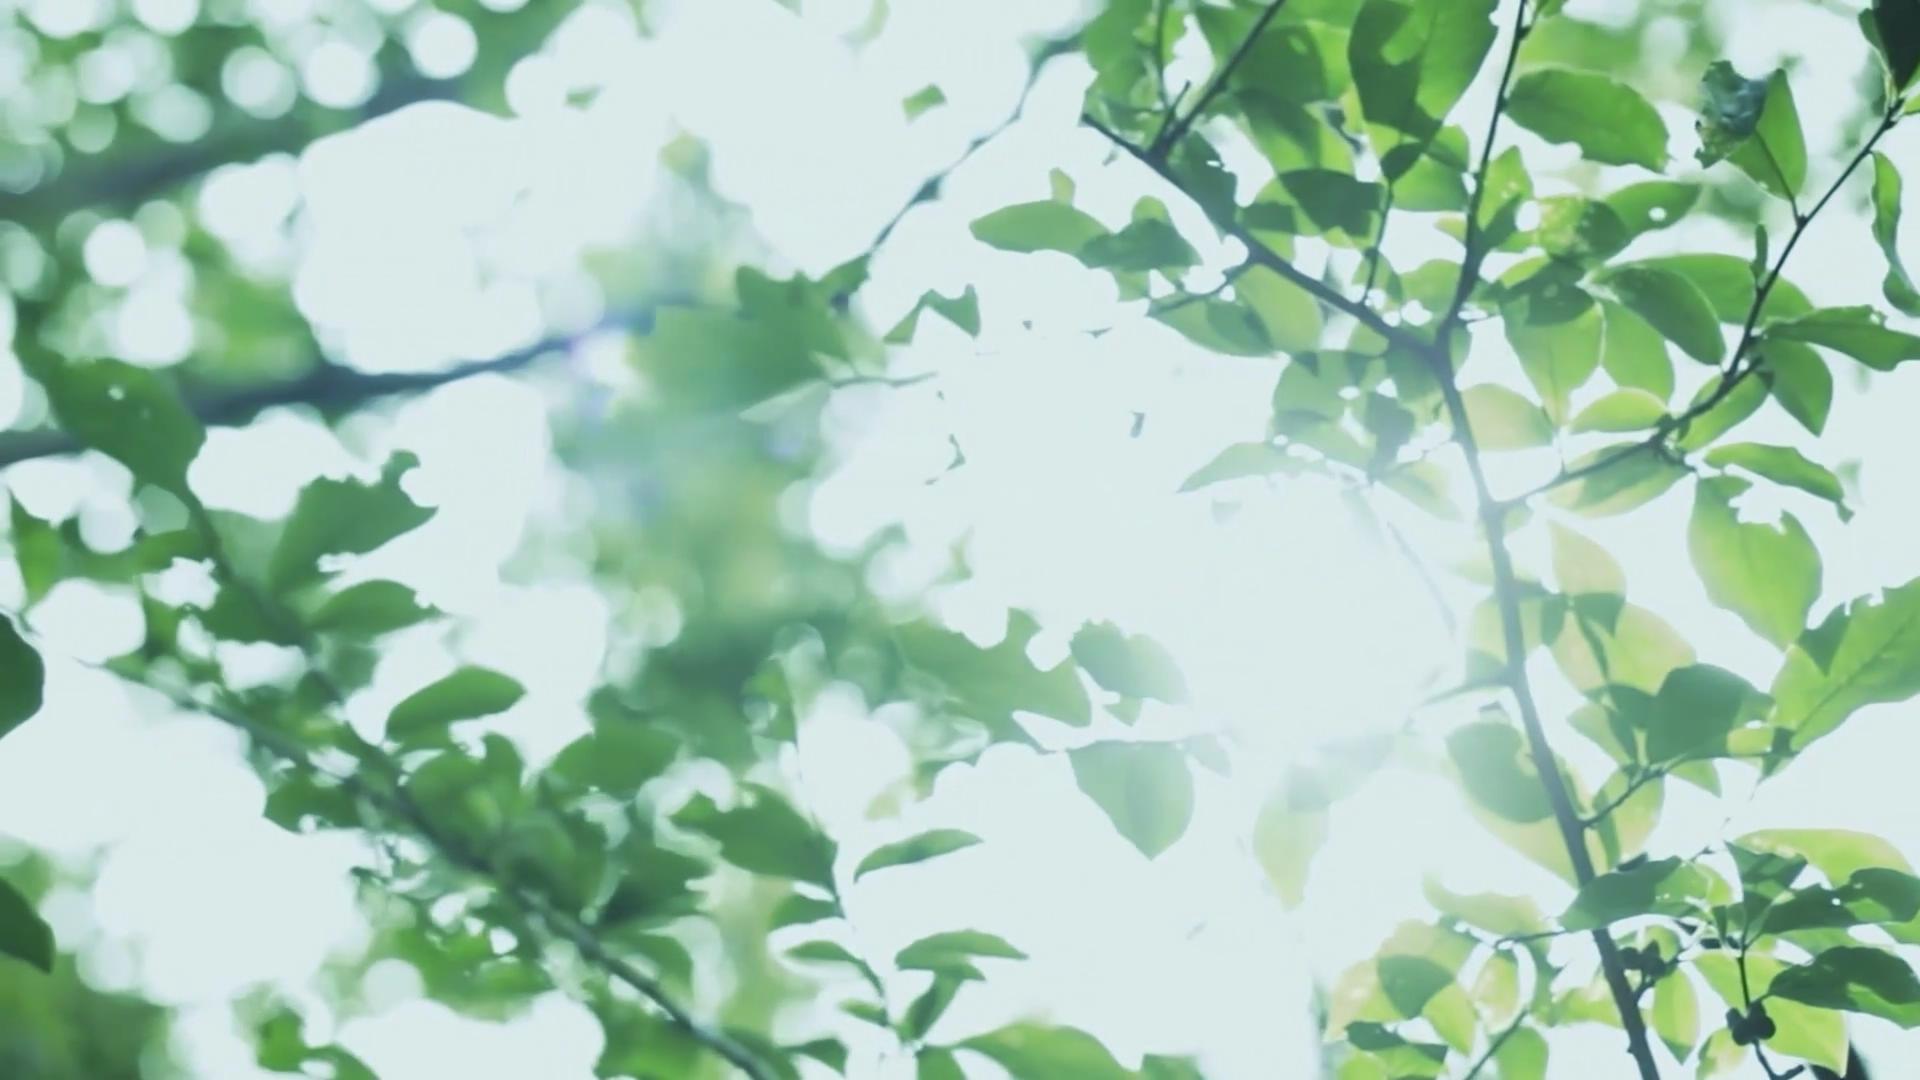 超唯美房地产园林大自然茶园茶叶小草清新空镜头高清实拍视频素材